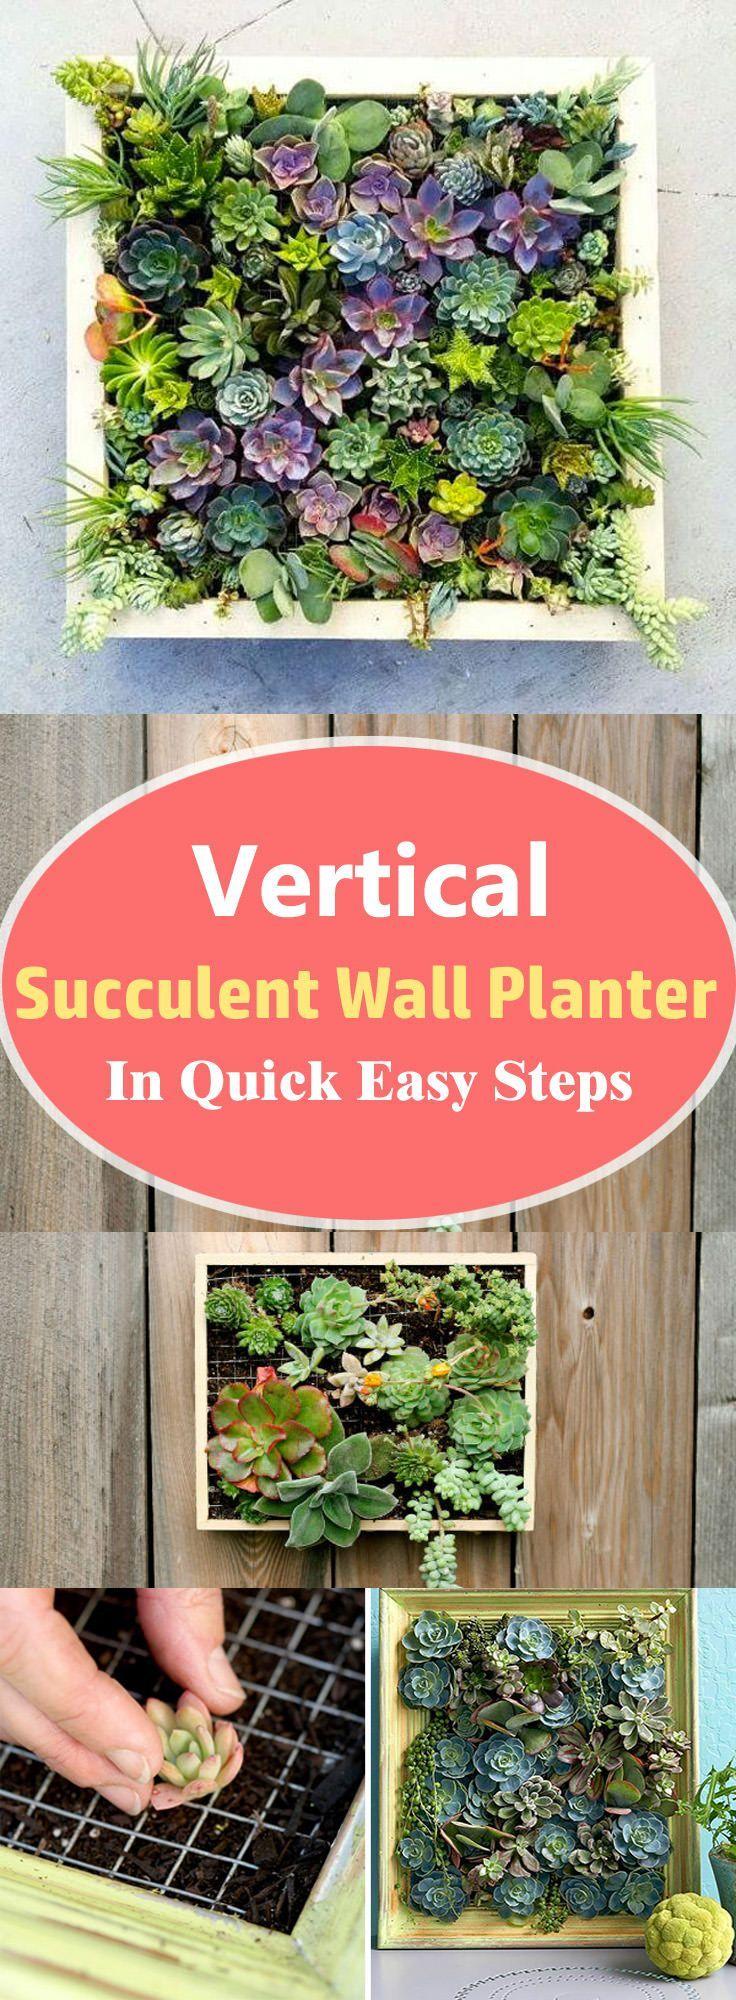 25 Best Ideas About Garden Wall Designs On Pinterest Vertical